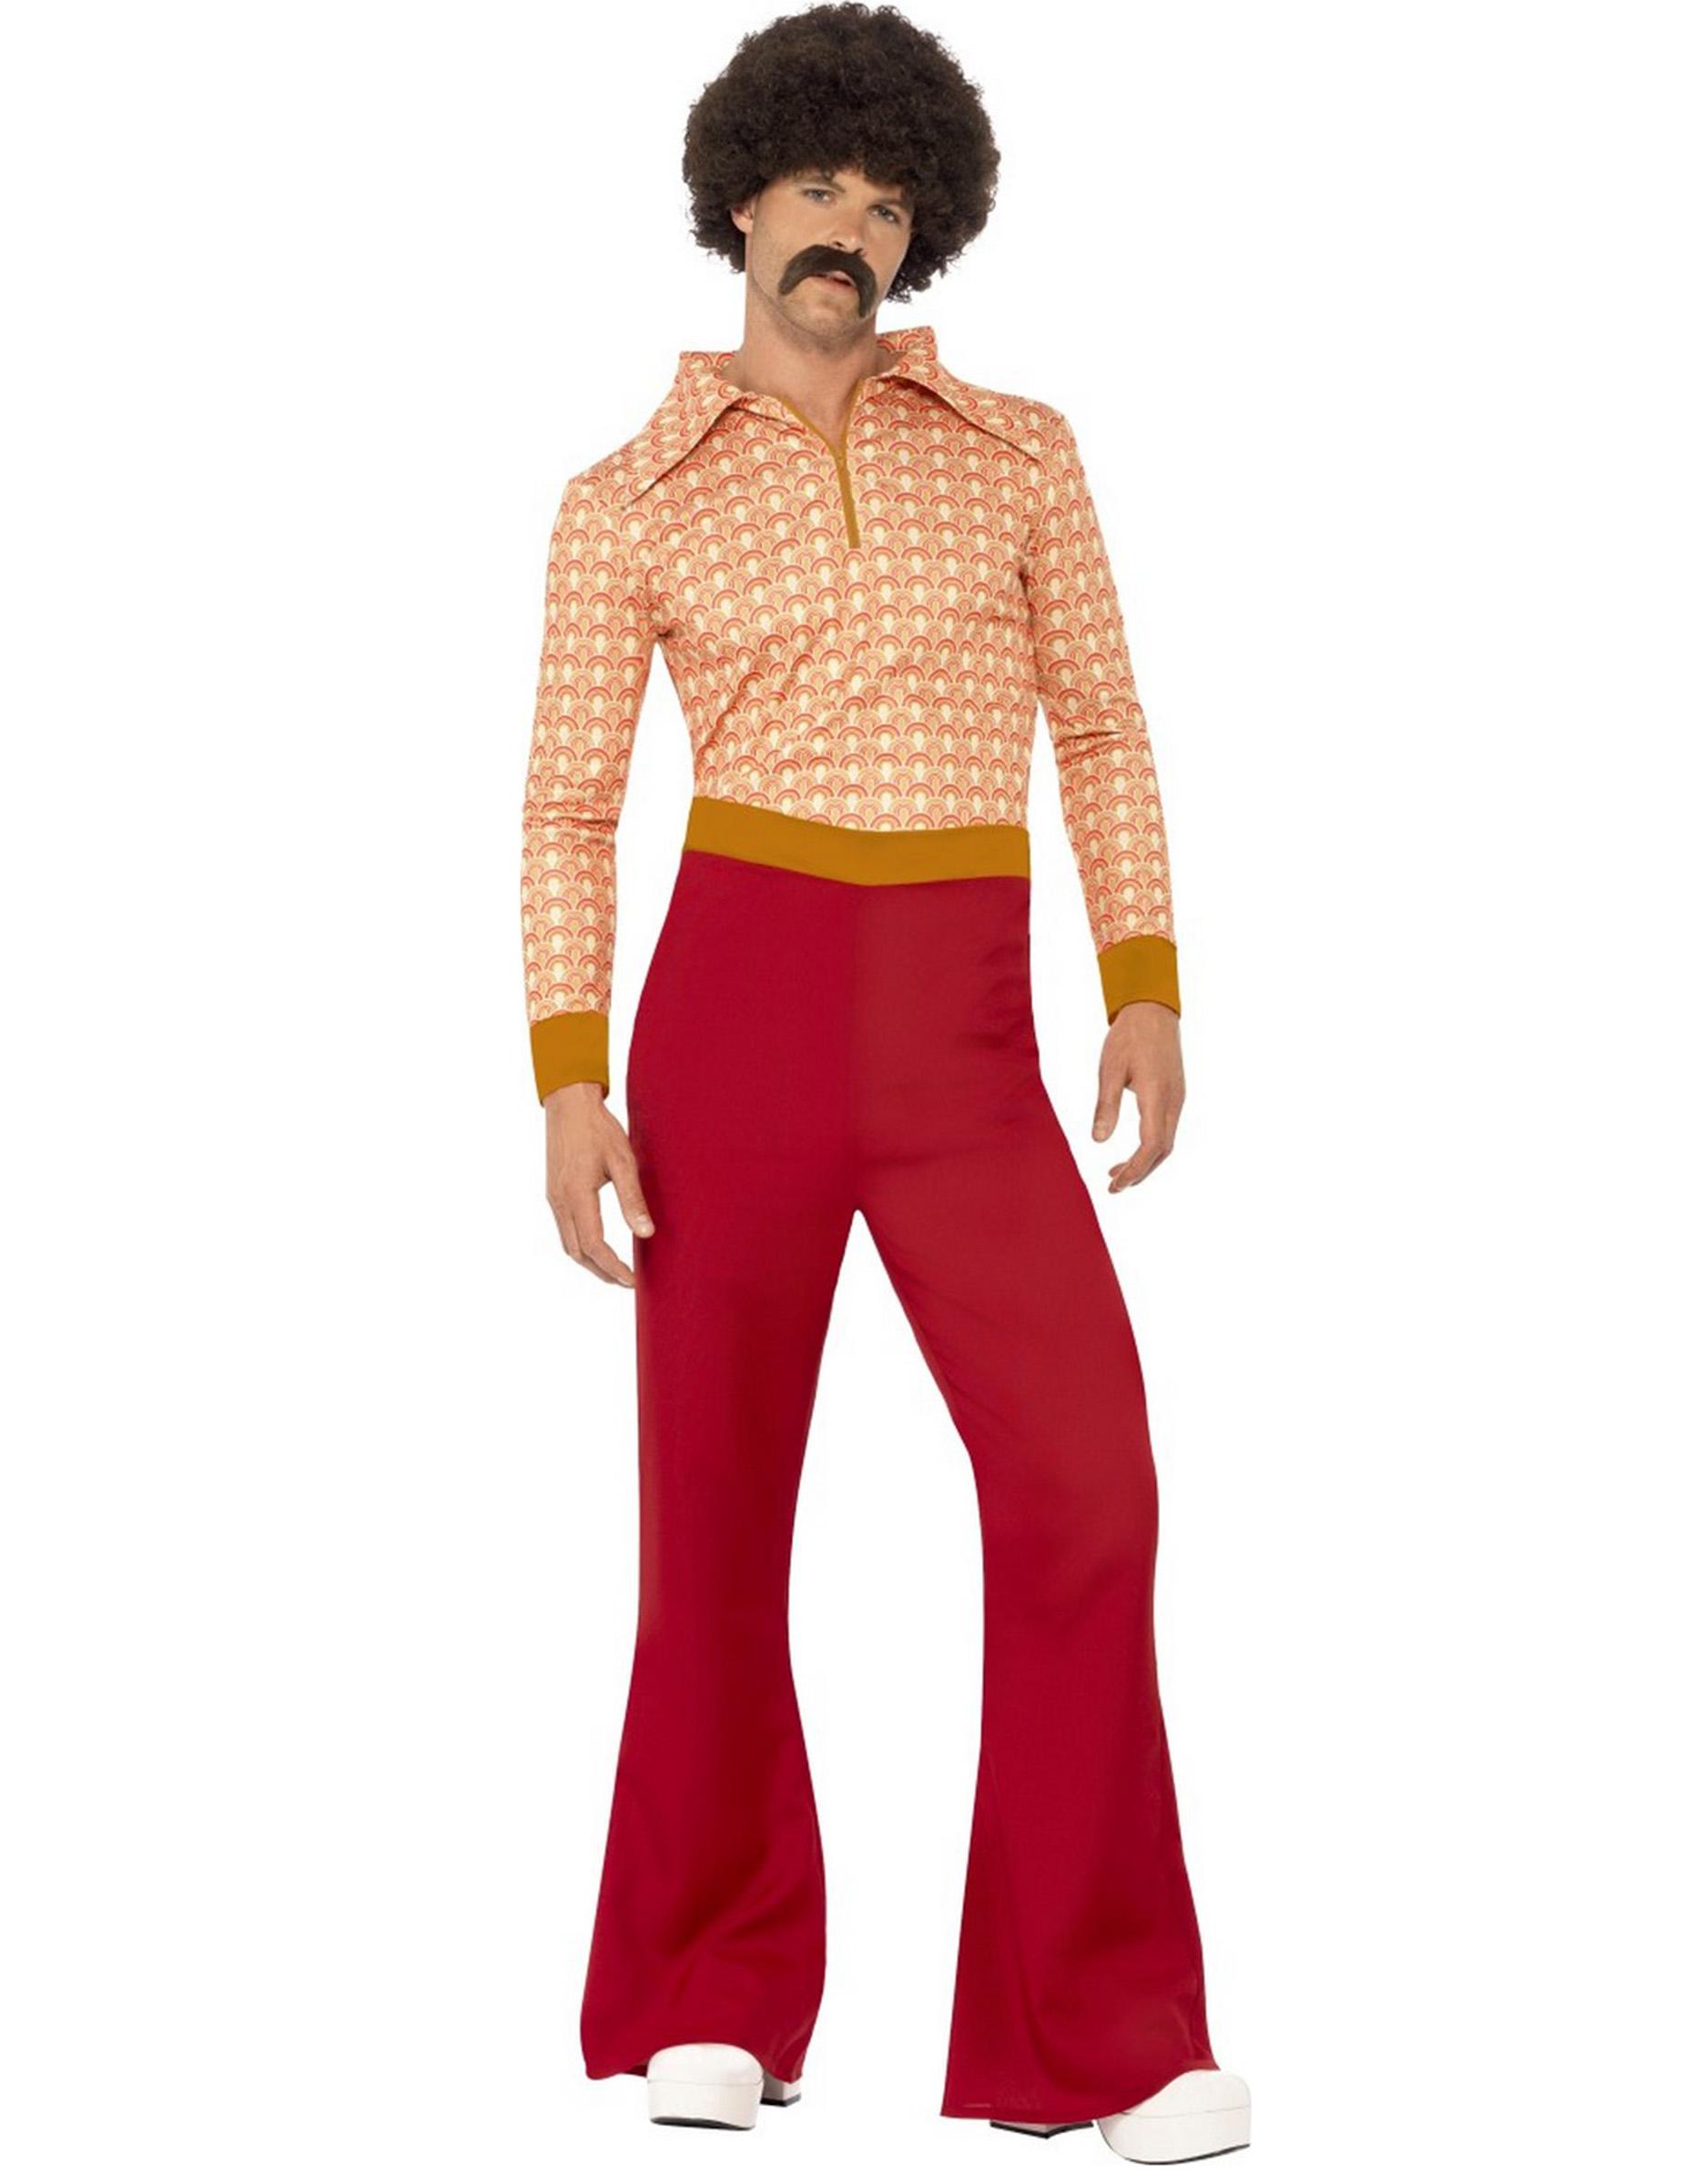 costume anni 70 uomo costumi adulti e vestiti di carnevale online vegaoo. Black Bedroom Furniture Sets. Home Design Ideas